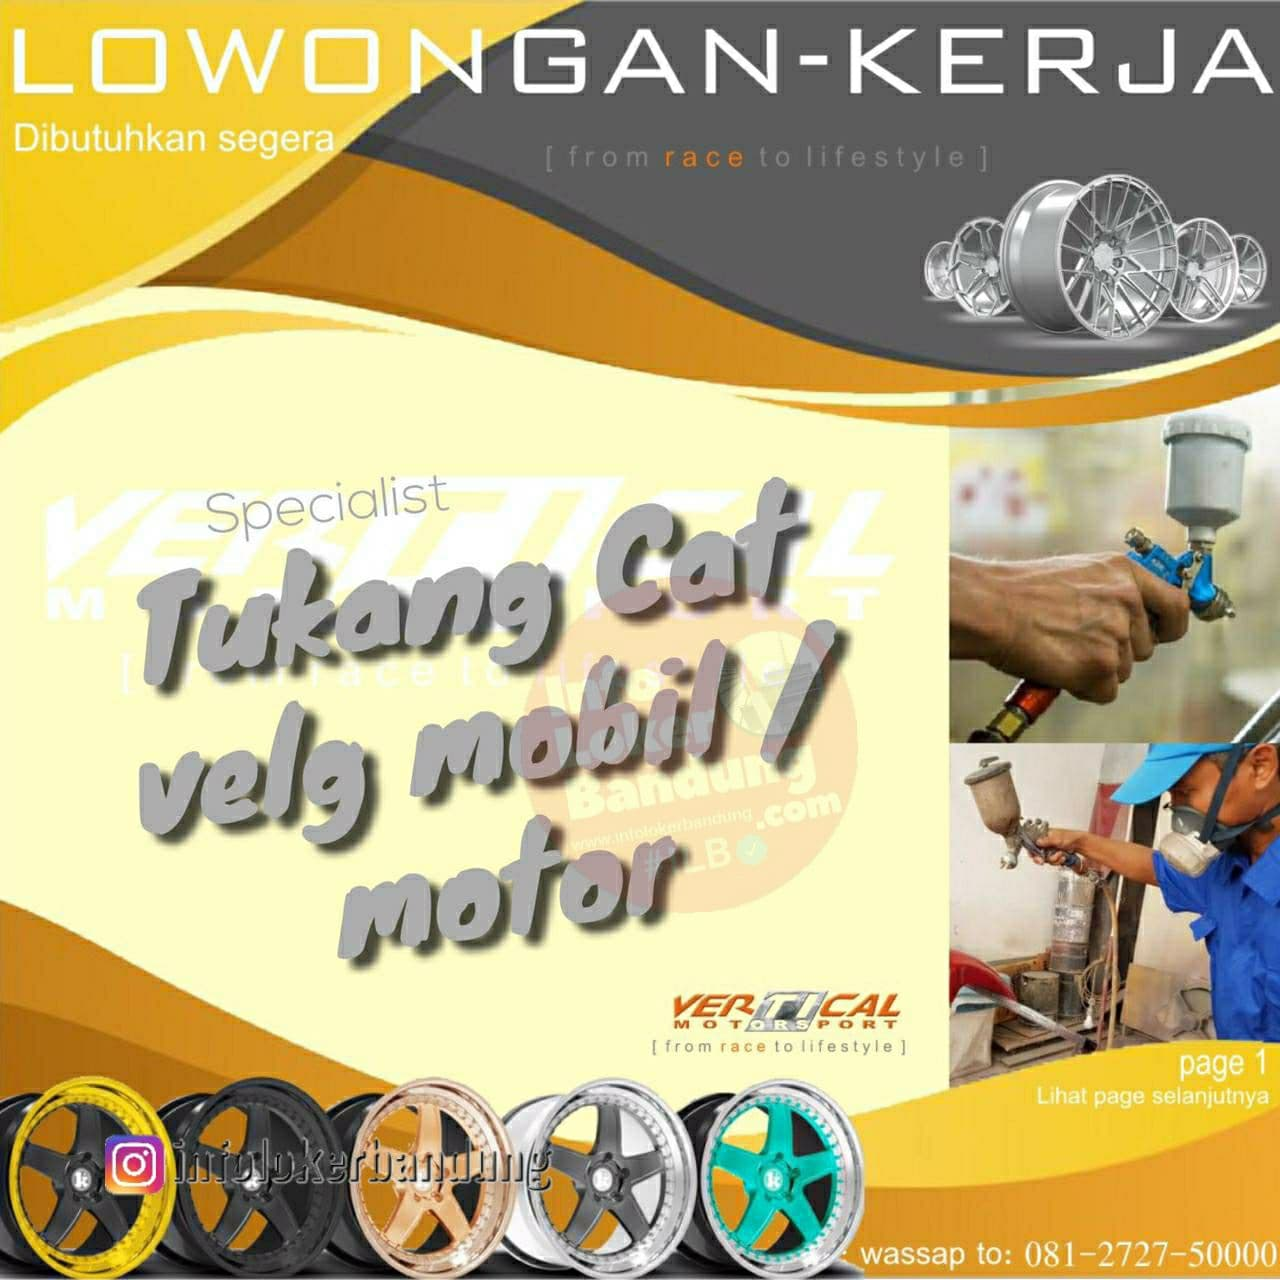 Loowngan Kerja Tukang Cat Velg Mobil / Motor Vertical Bandung Oktober 2021